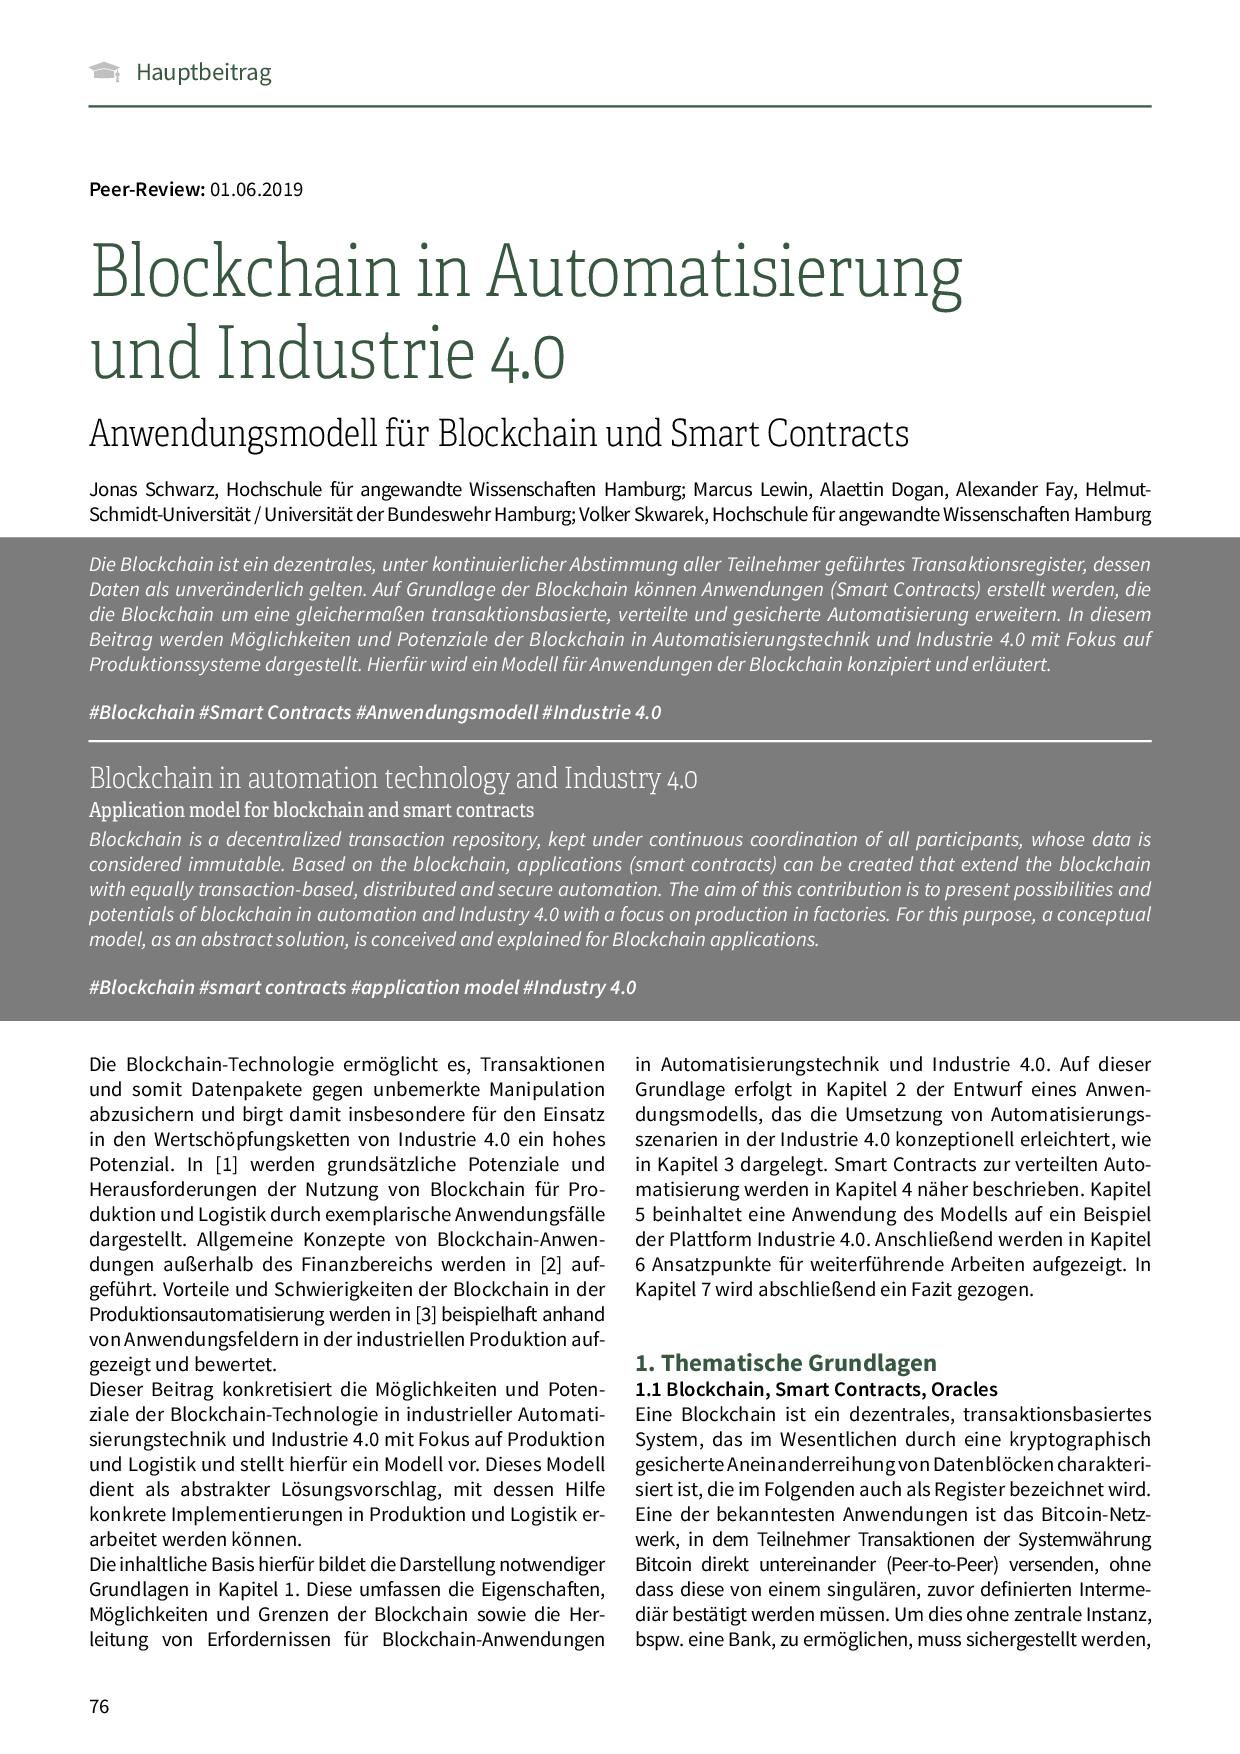 Blockchain in Automatisierung und Industrie 4.0